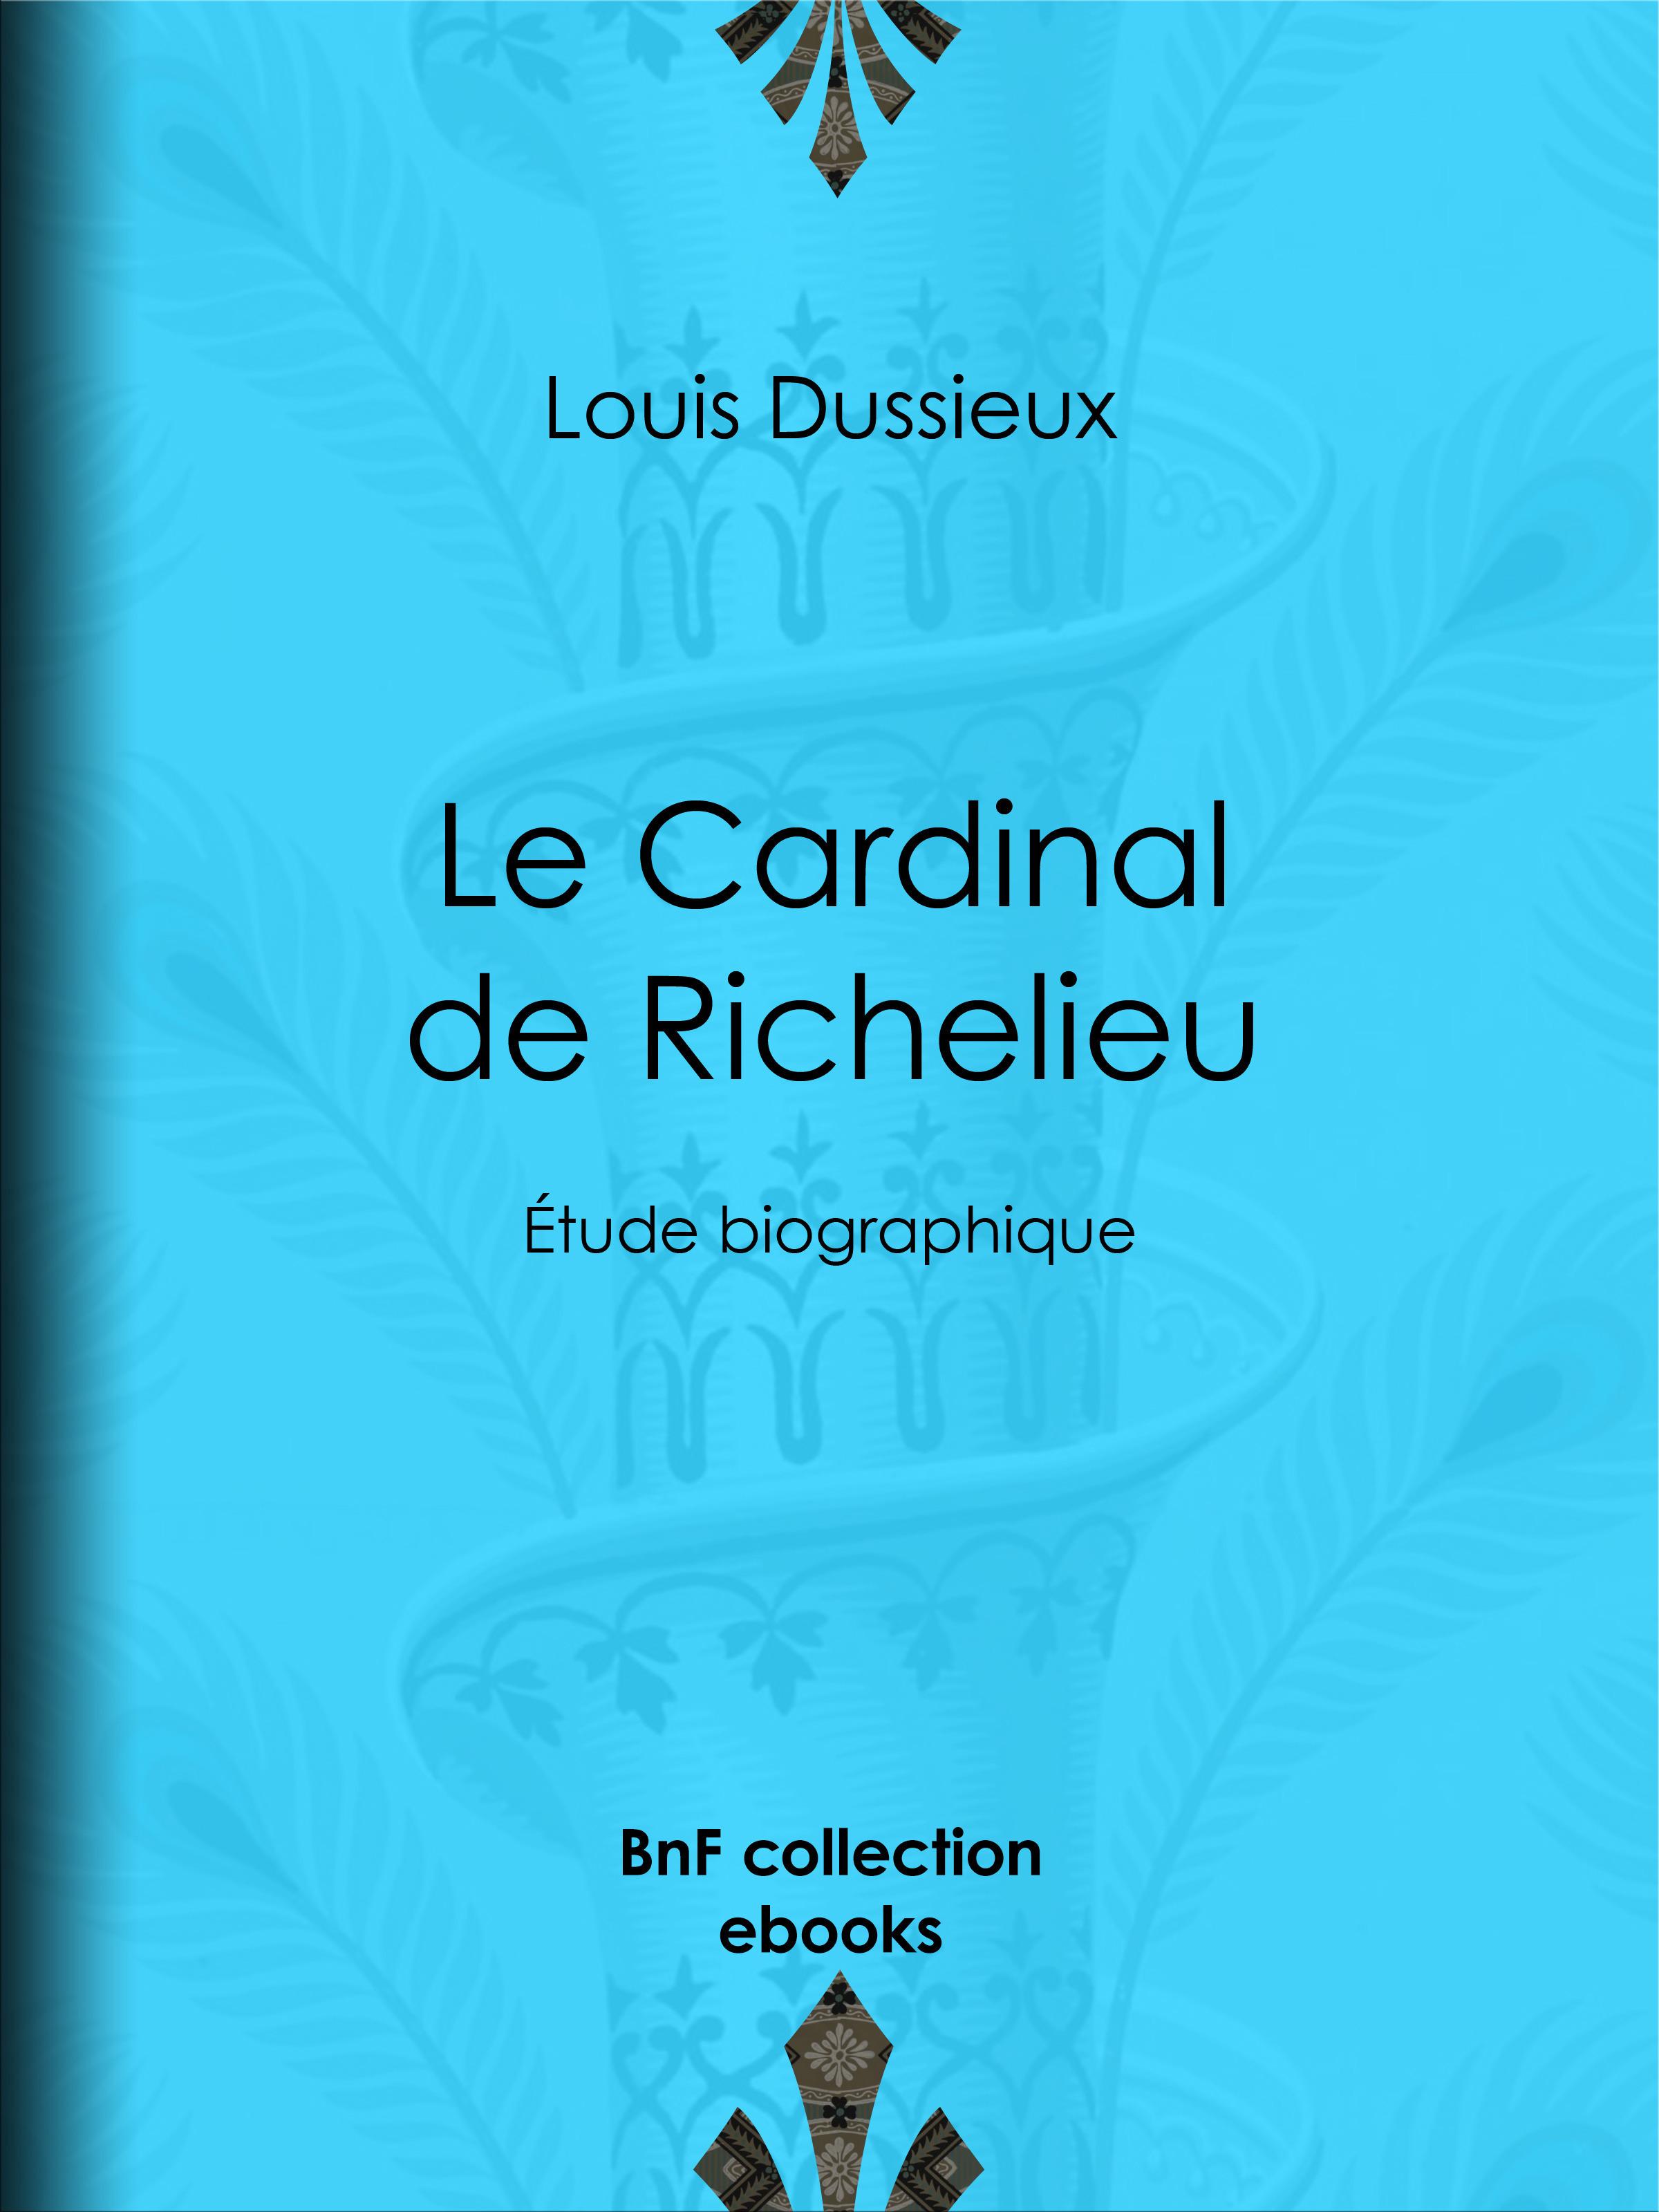 Le Cardinal de Richelieu  - Louis Dussieux